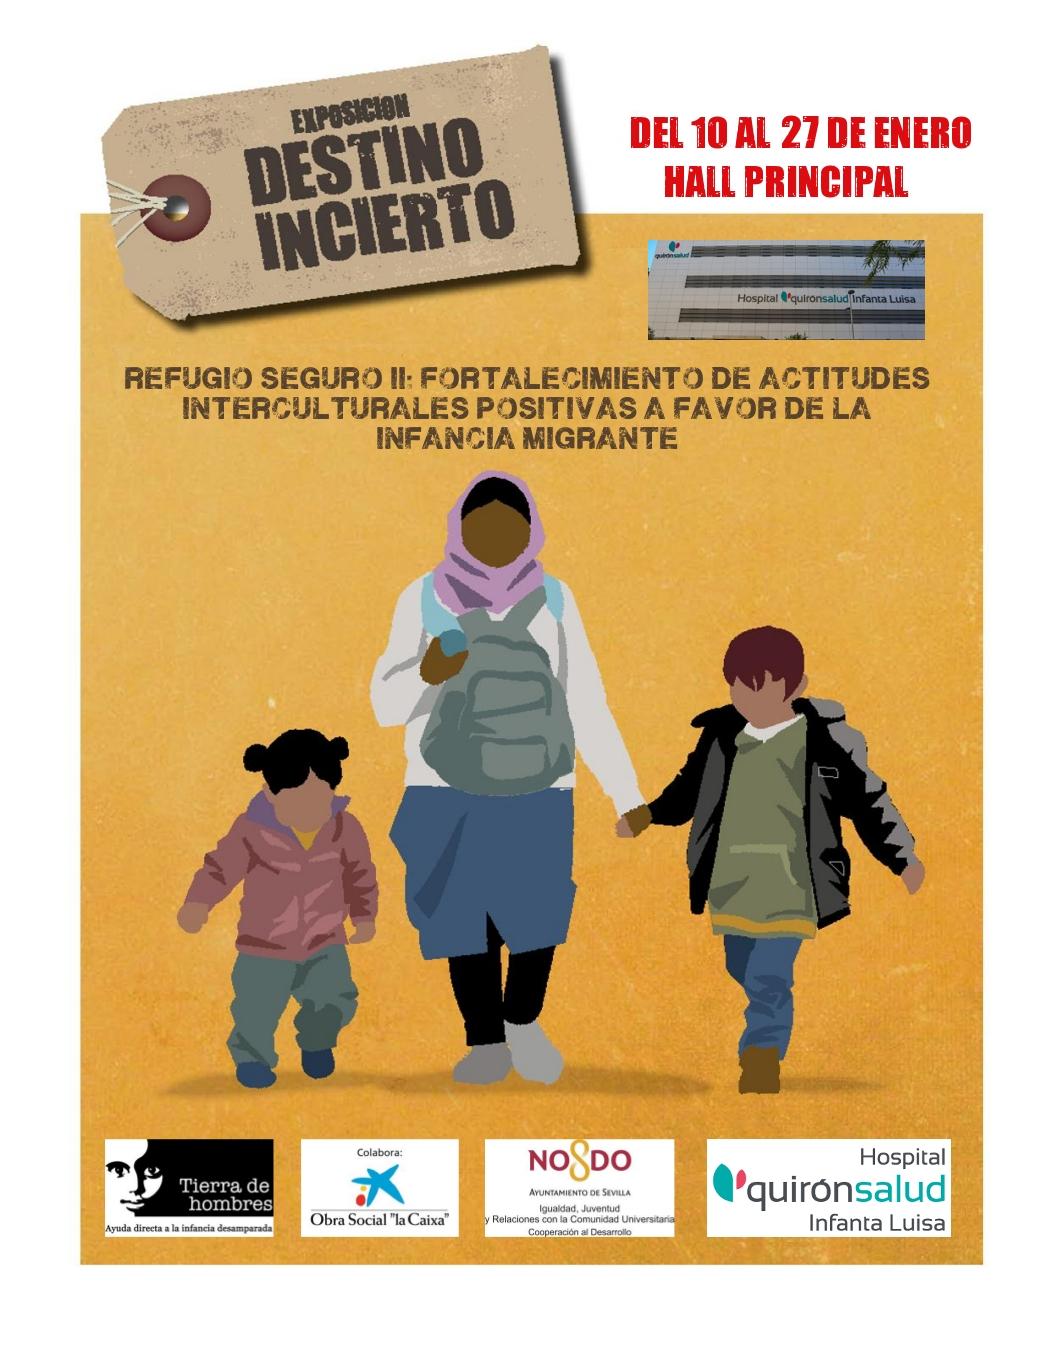 """Una mirada positiva hacia las migraciones: Hospital Quirónsalud Infanta Luisa acoge este mes de enero la exposición """"Destino Incierto"""" de Fundación Tierra de hombres."""